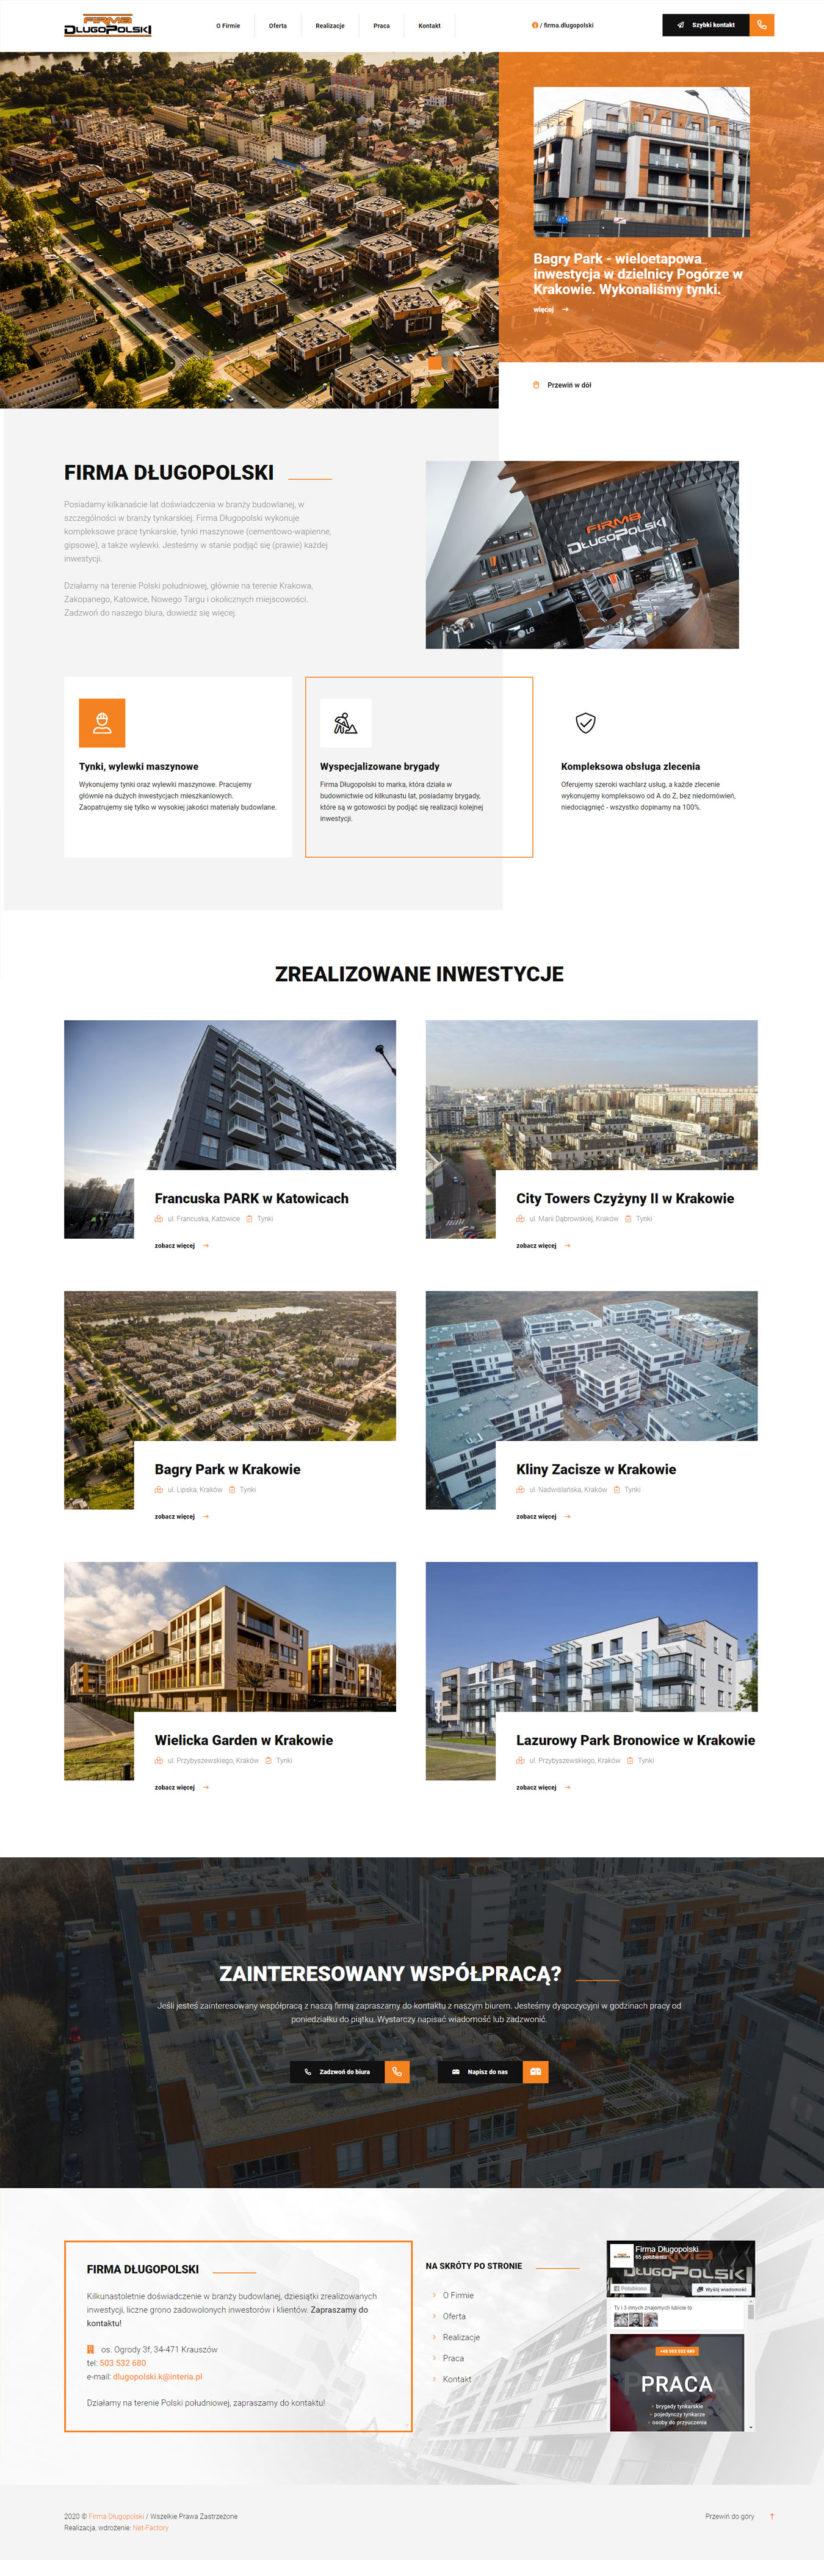 Responsywna witryna internetowa dla Firmy Długopolski